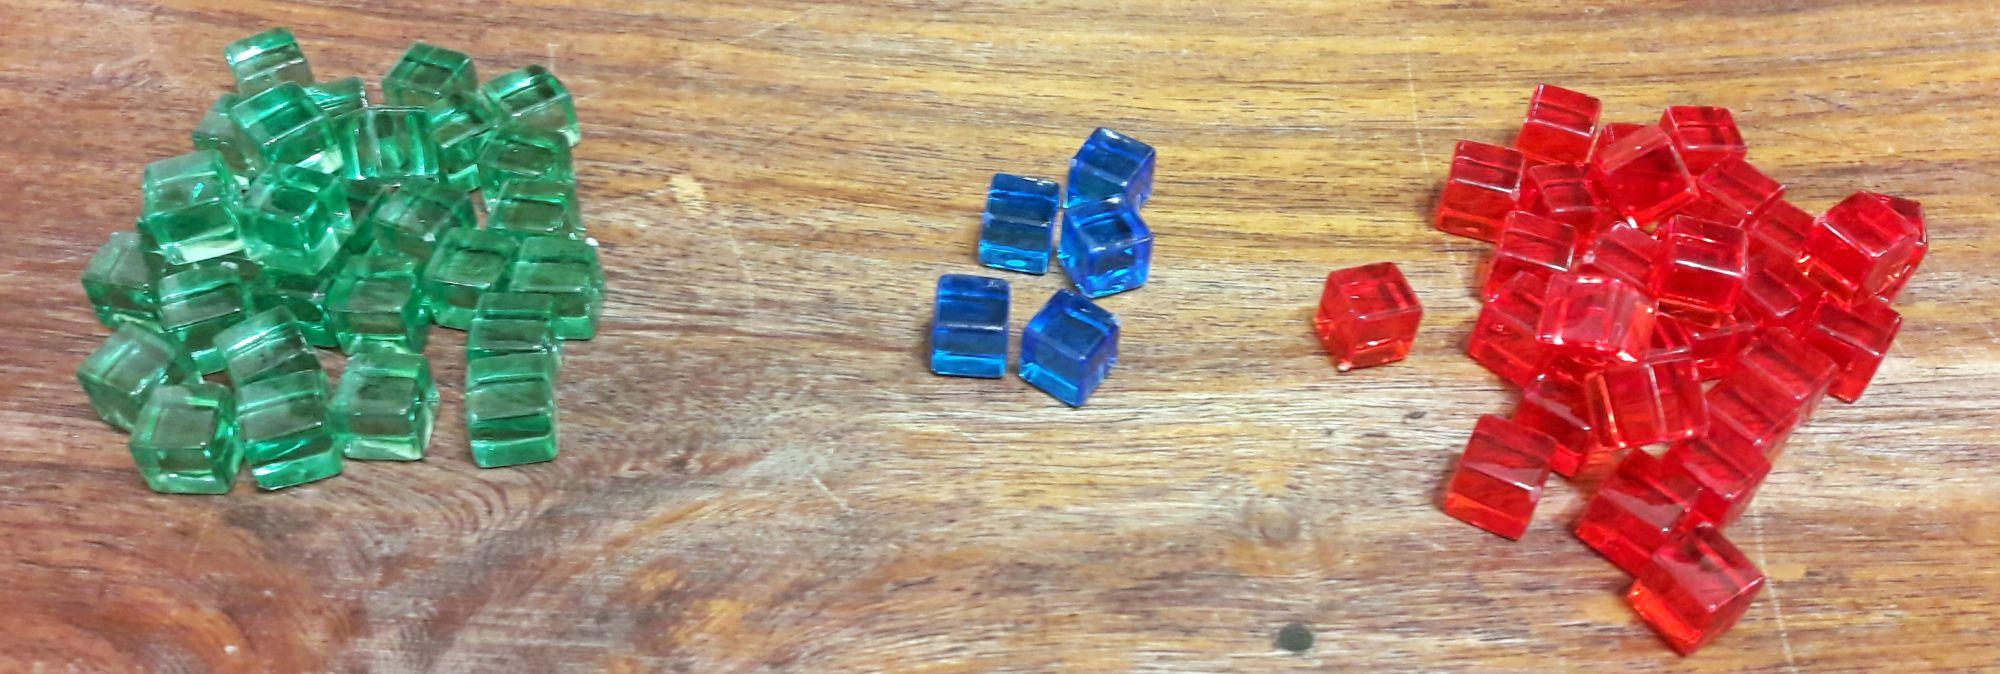 Que serait une tour à cubes sans cubes (rouges = failles : pas bien), les verts (énergie = bien !), les bleus utilisés pour une variante.